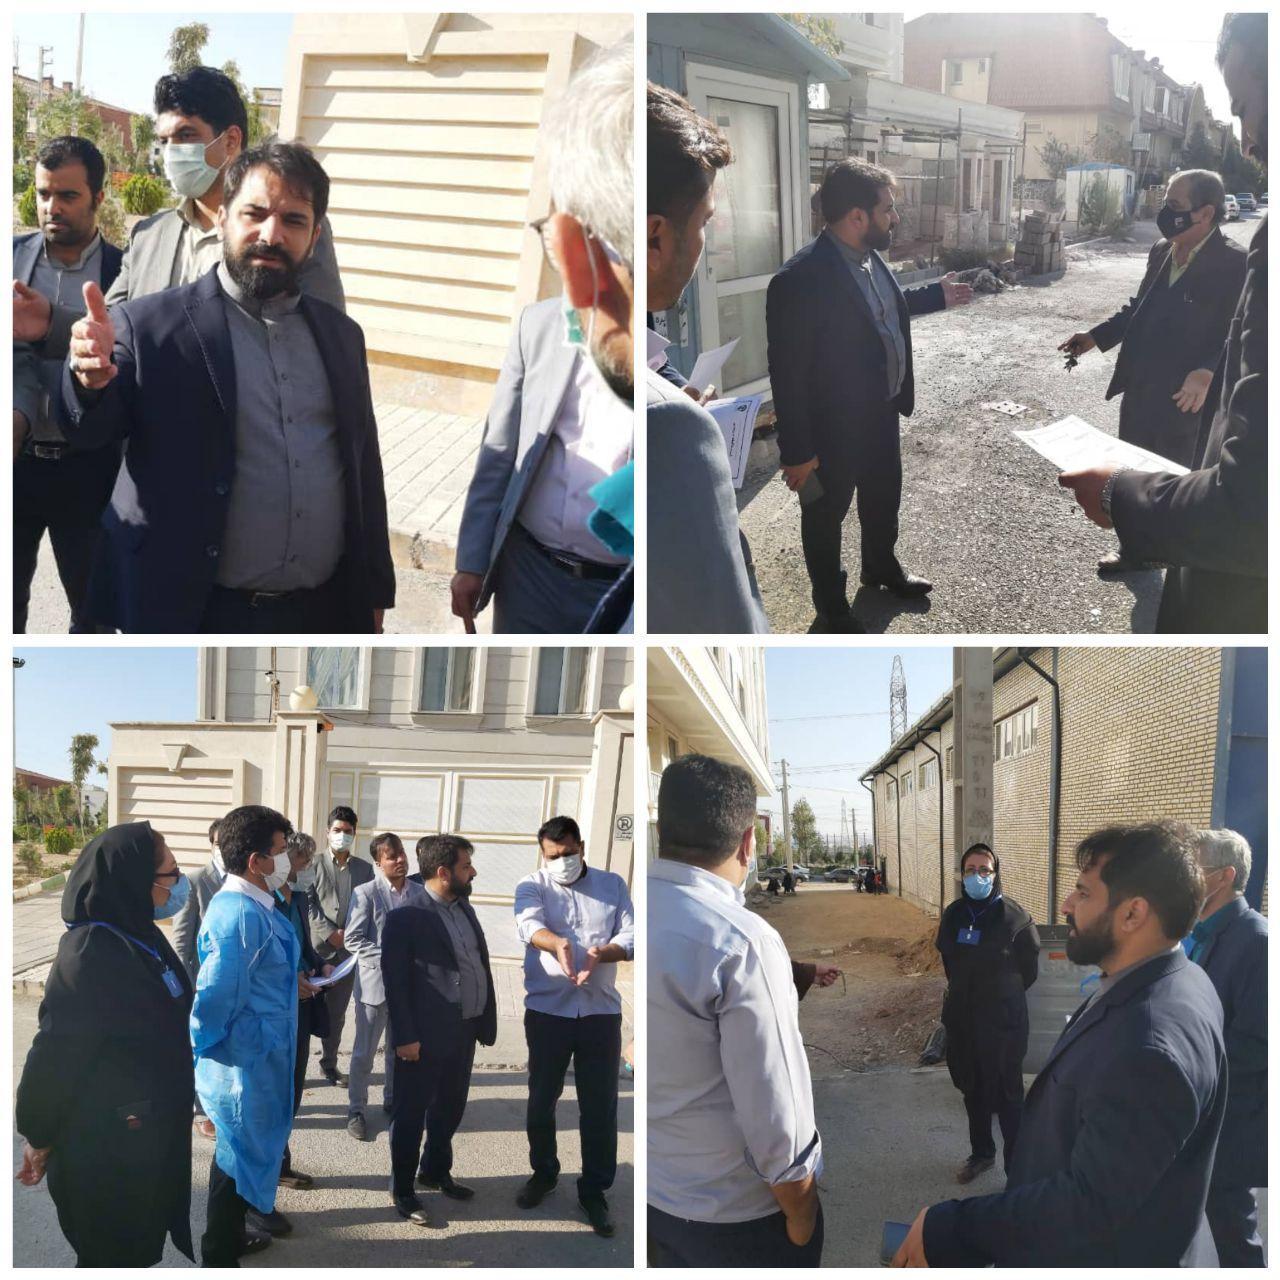 بازدید میدانی شهردار پرند از سطح شهر و رسیدگی به مشکلات و مطالبات شهروندان